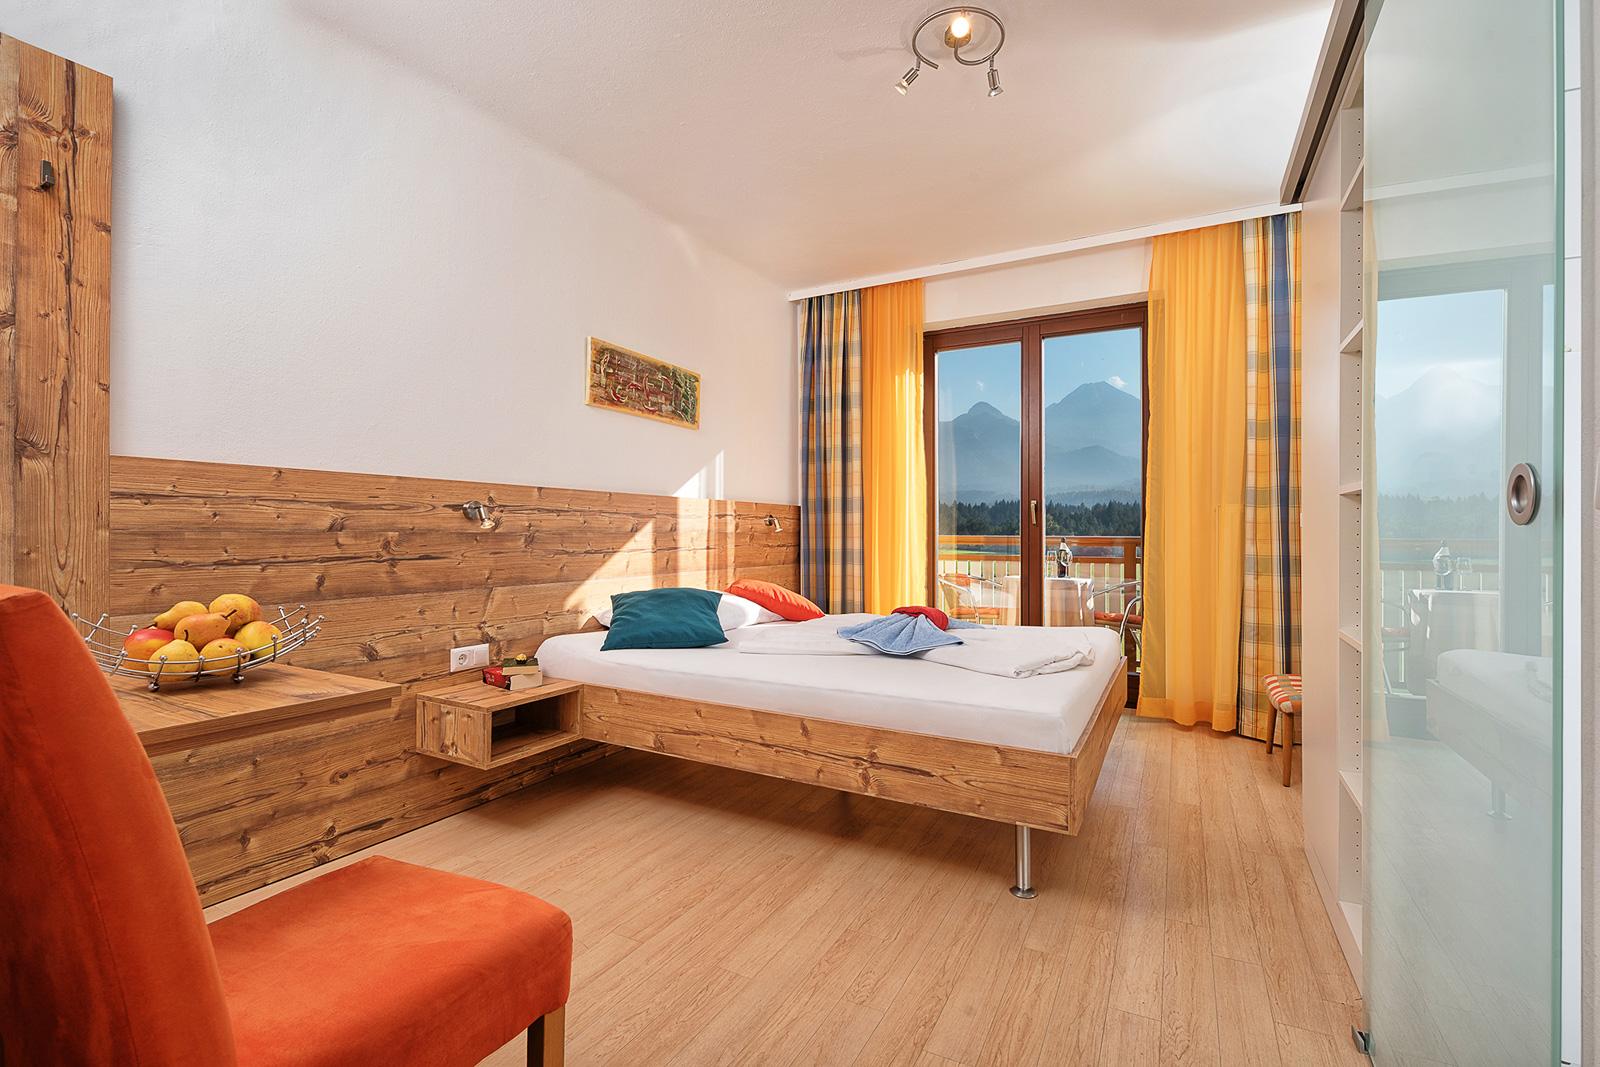 Doppelzimmer Schlafzimmer